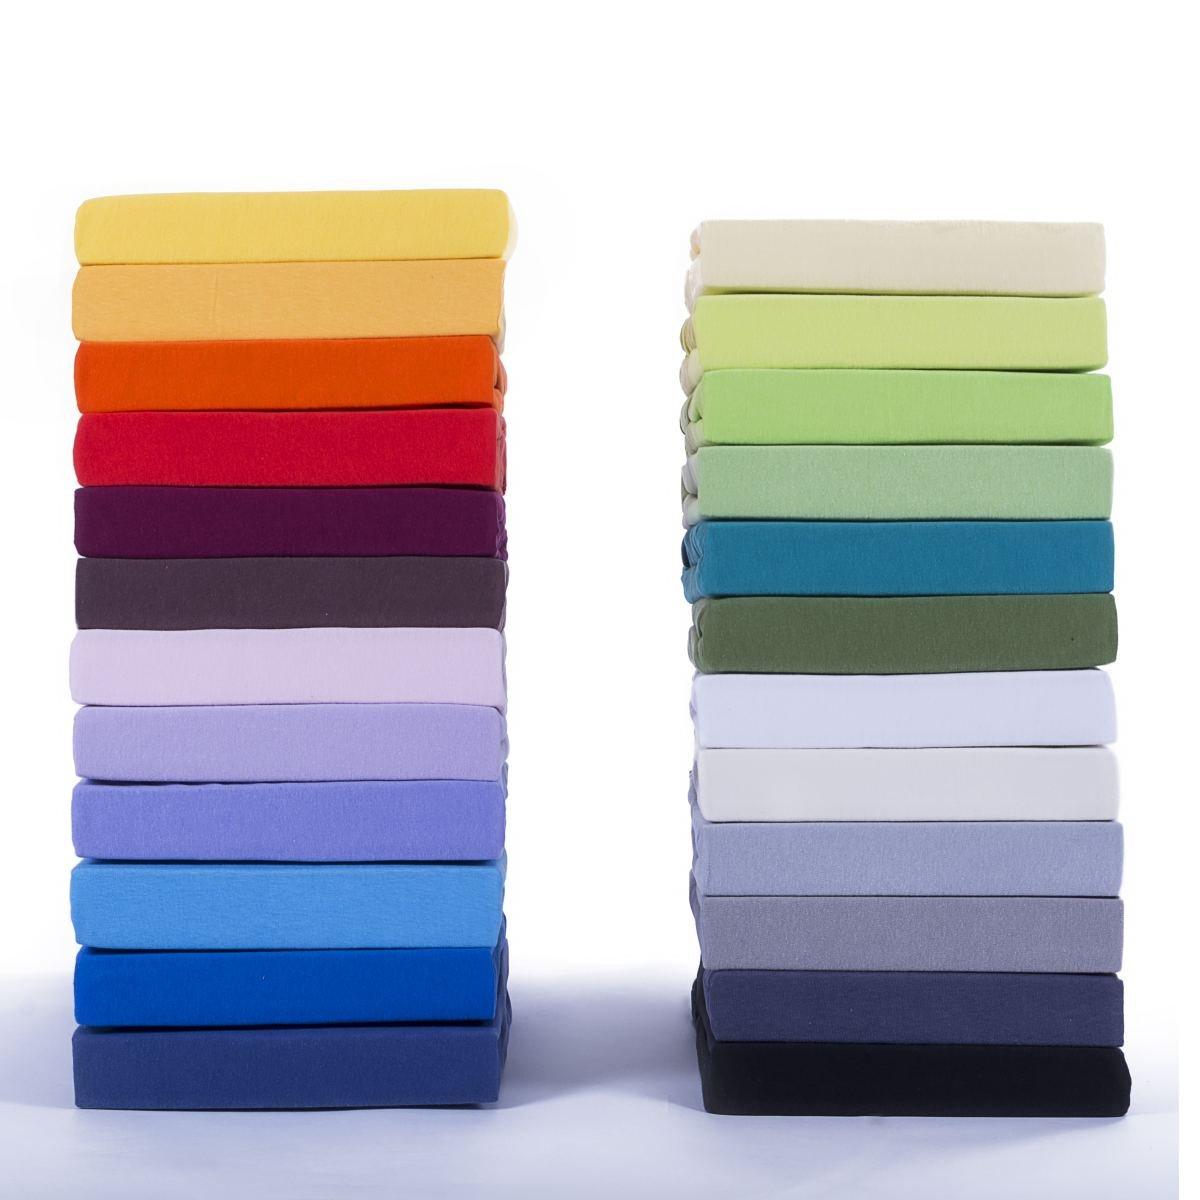 Classic Jersey Topper Spannbettlaken   100% Baumwolle Spannbetttuch Nach  Ökotex 100, 180x200   200x200 Cm Schwarz, Komfort Qualität In 38 Farben U0026  10 ...